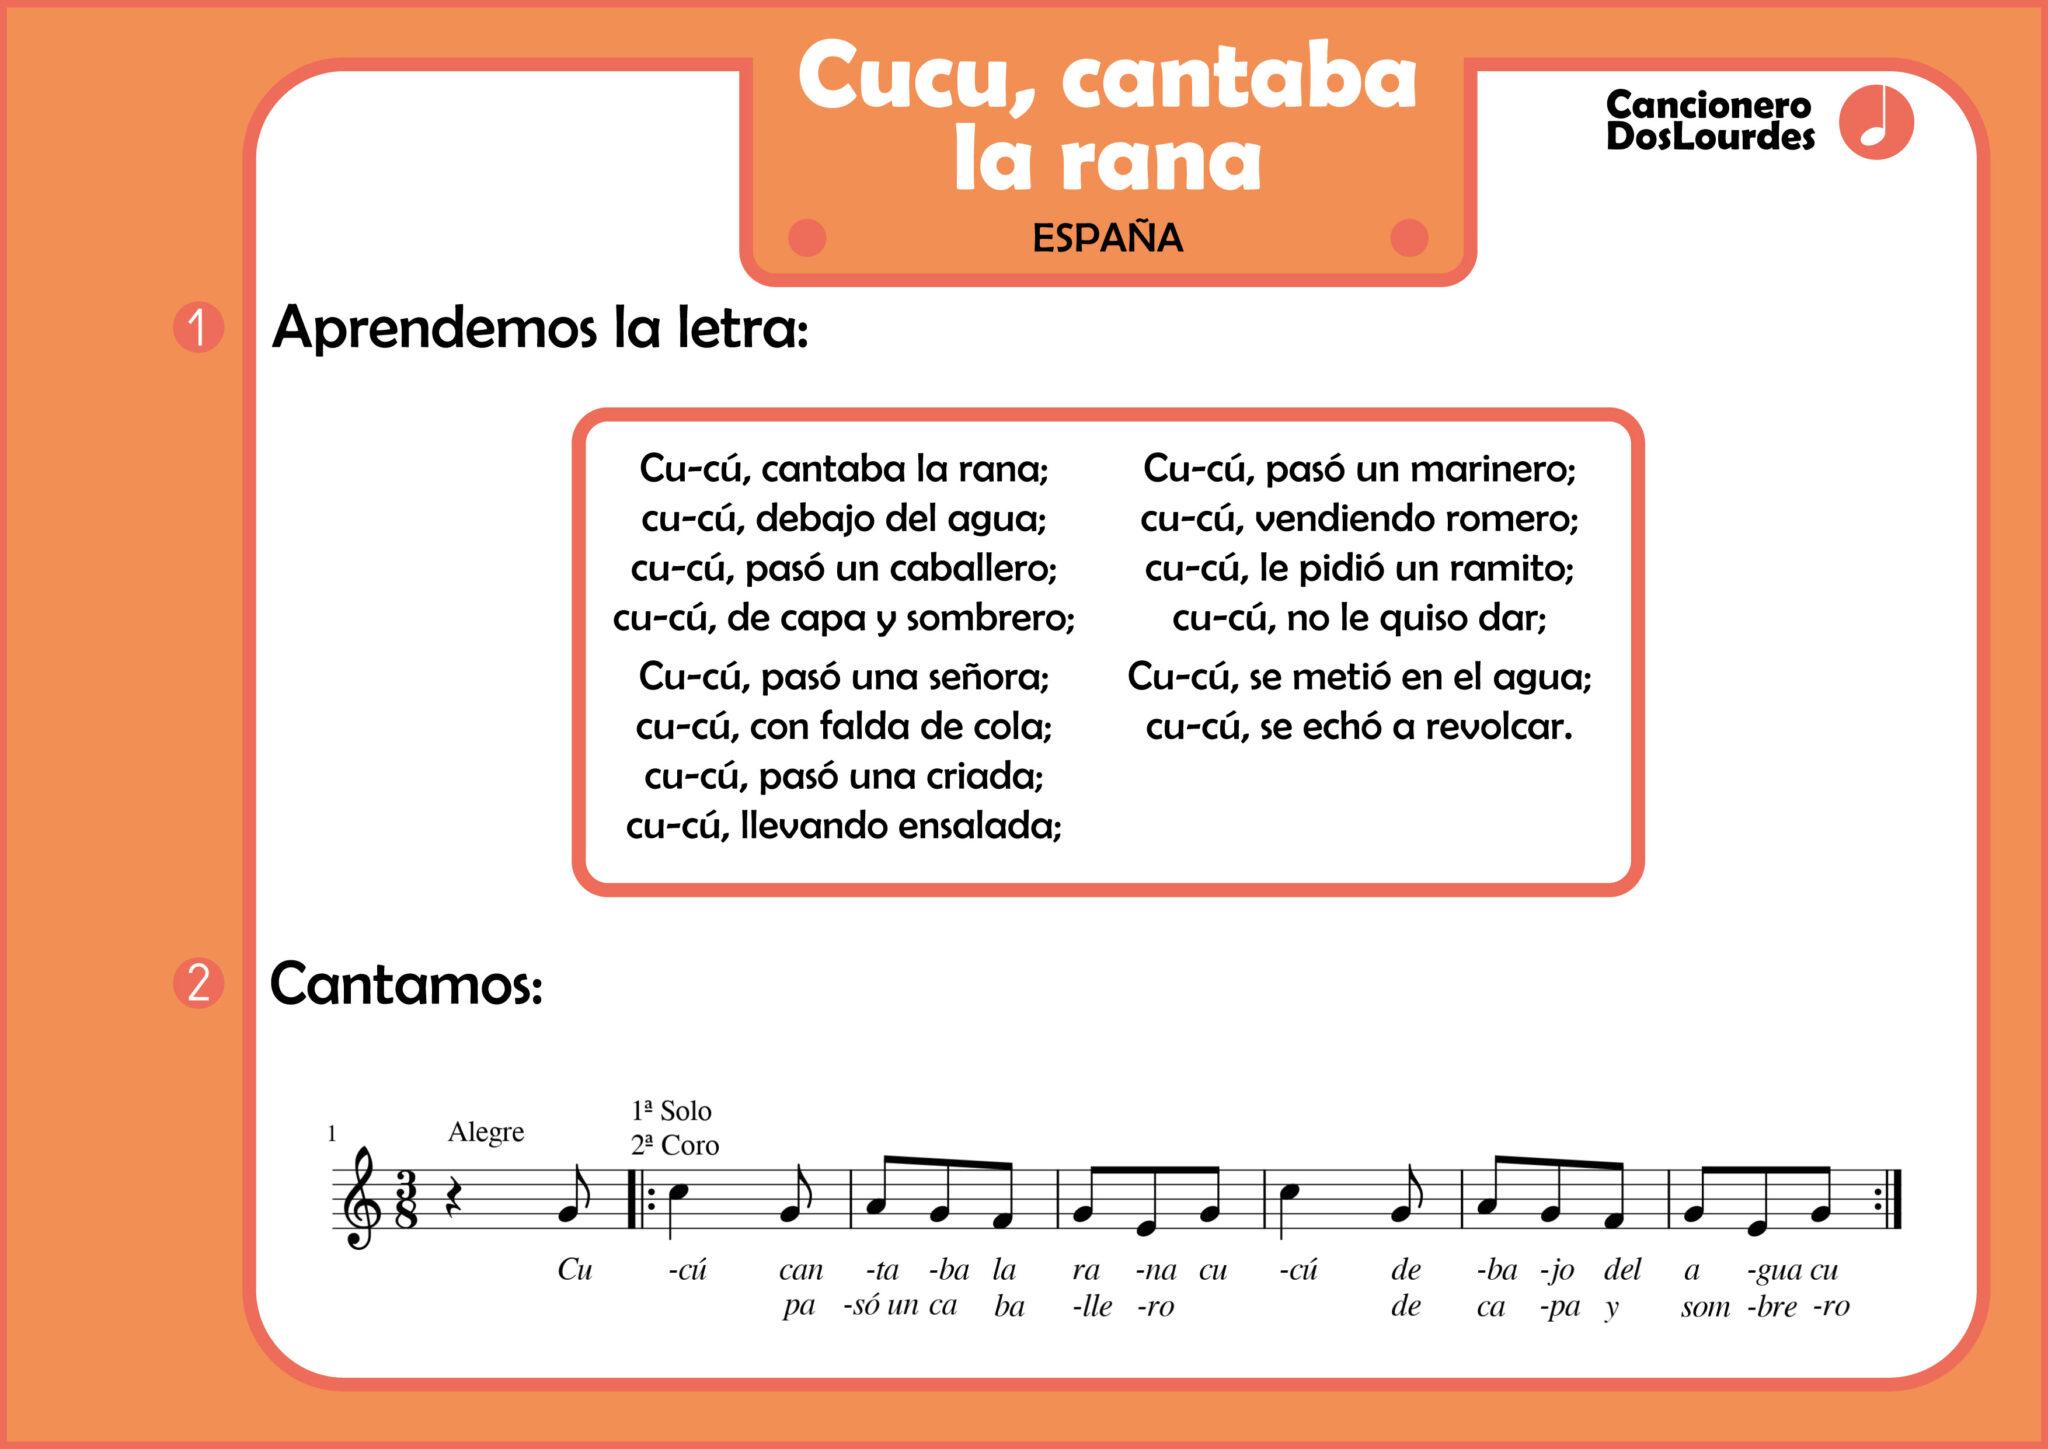 Cancionero-18-Cucu-cantaba-la-rana